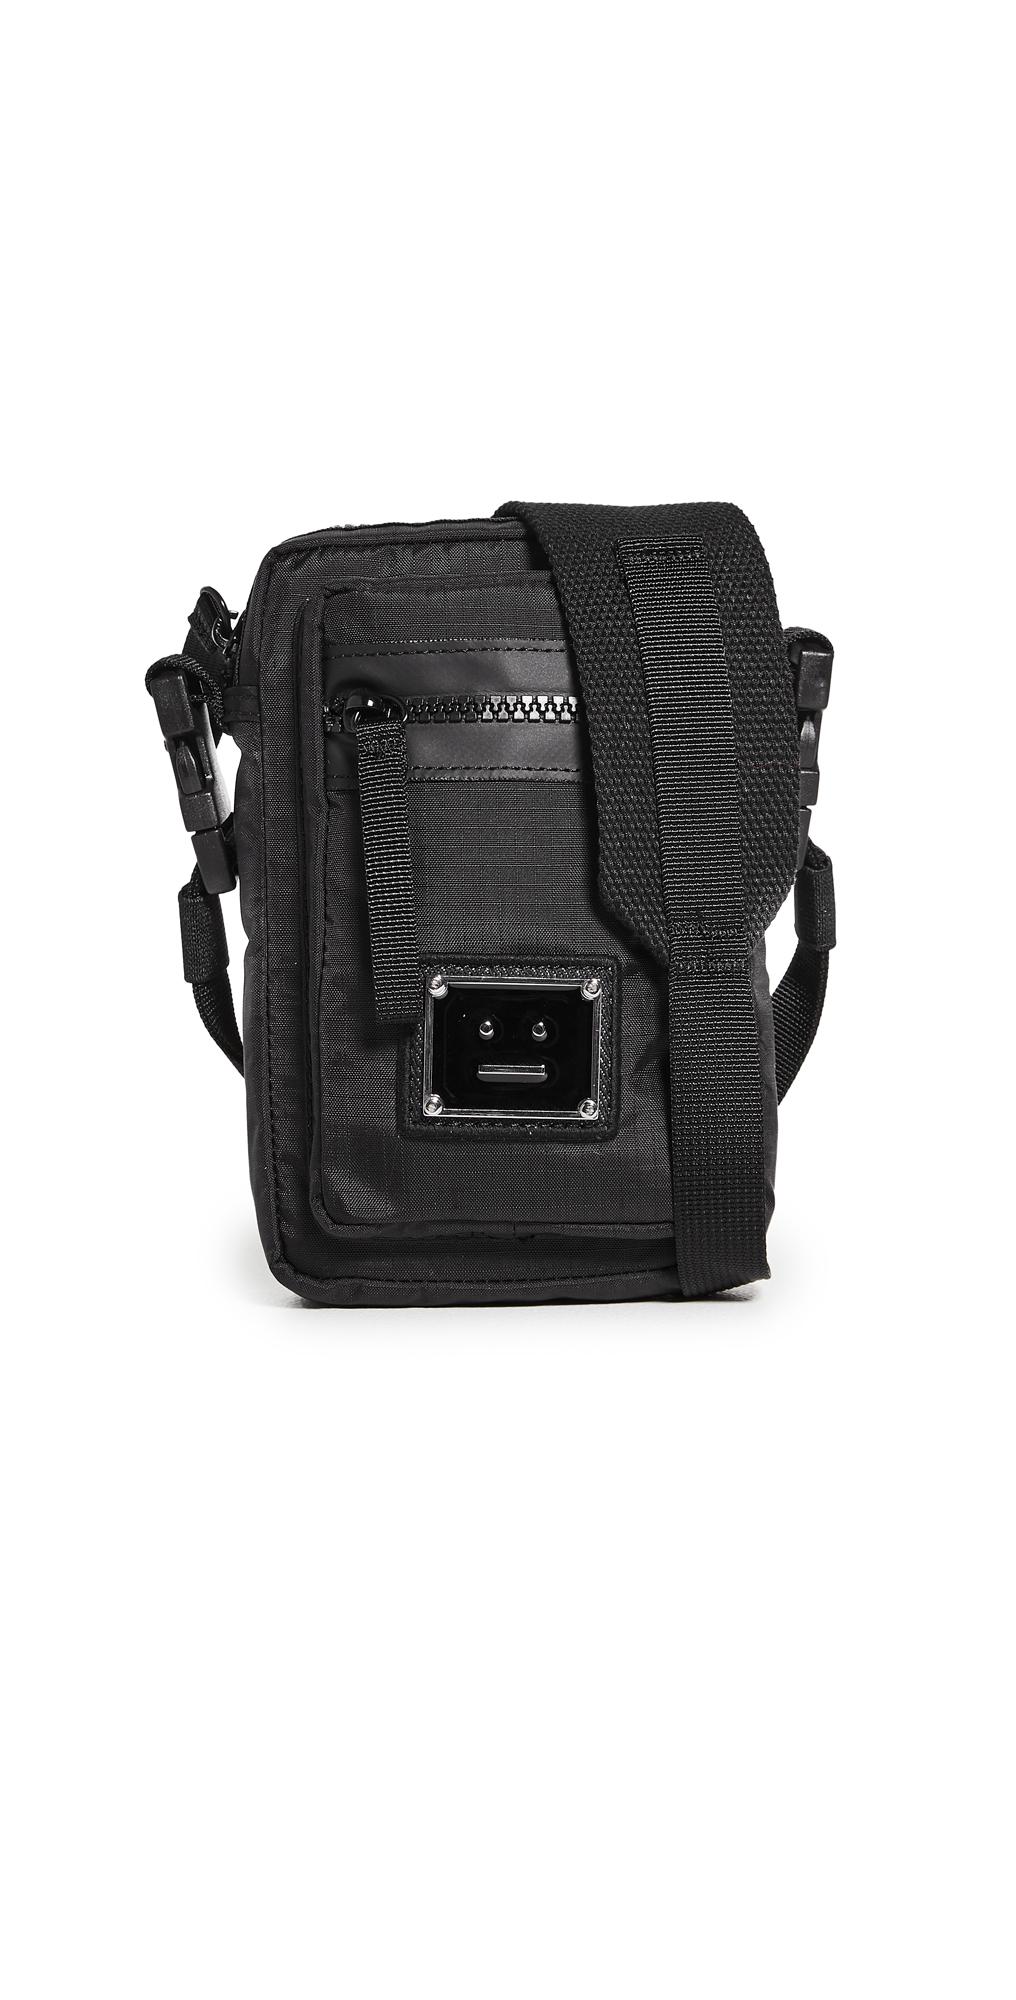 Acne Studios Arvel Plaque Face Crossbody Phone Bag